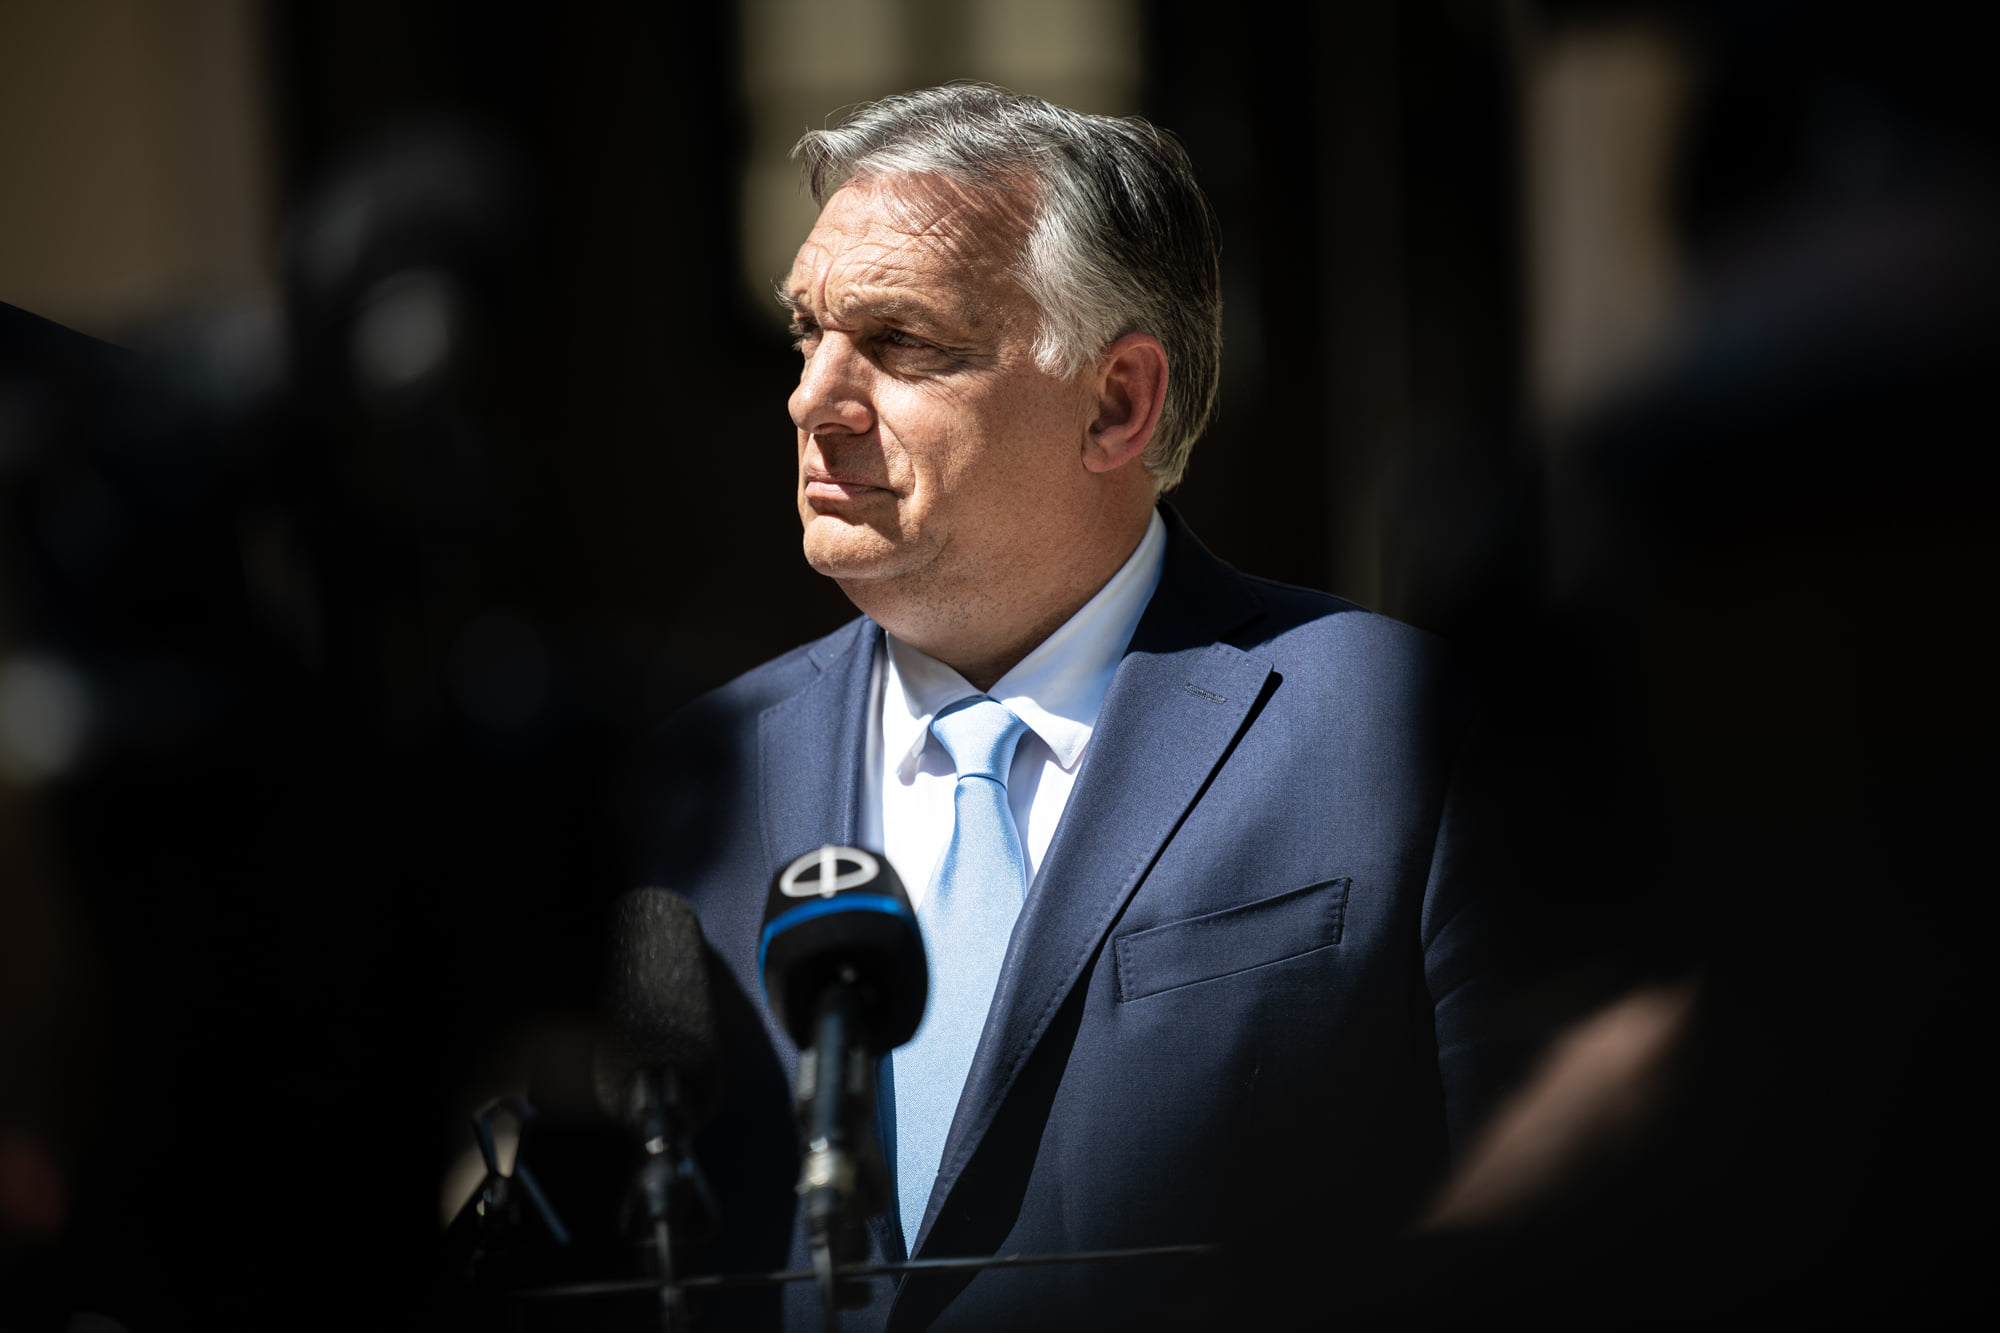 orbán in shadow